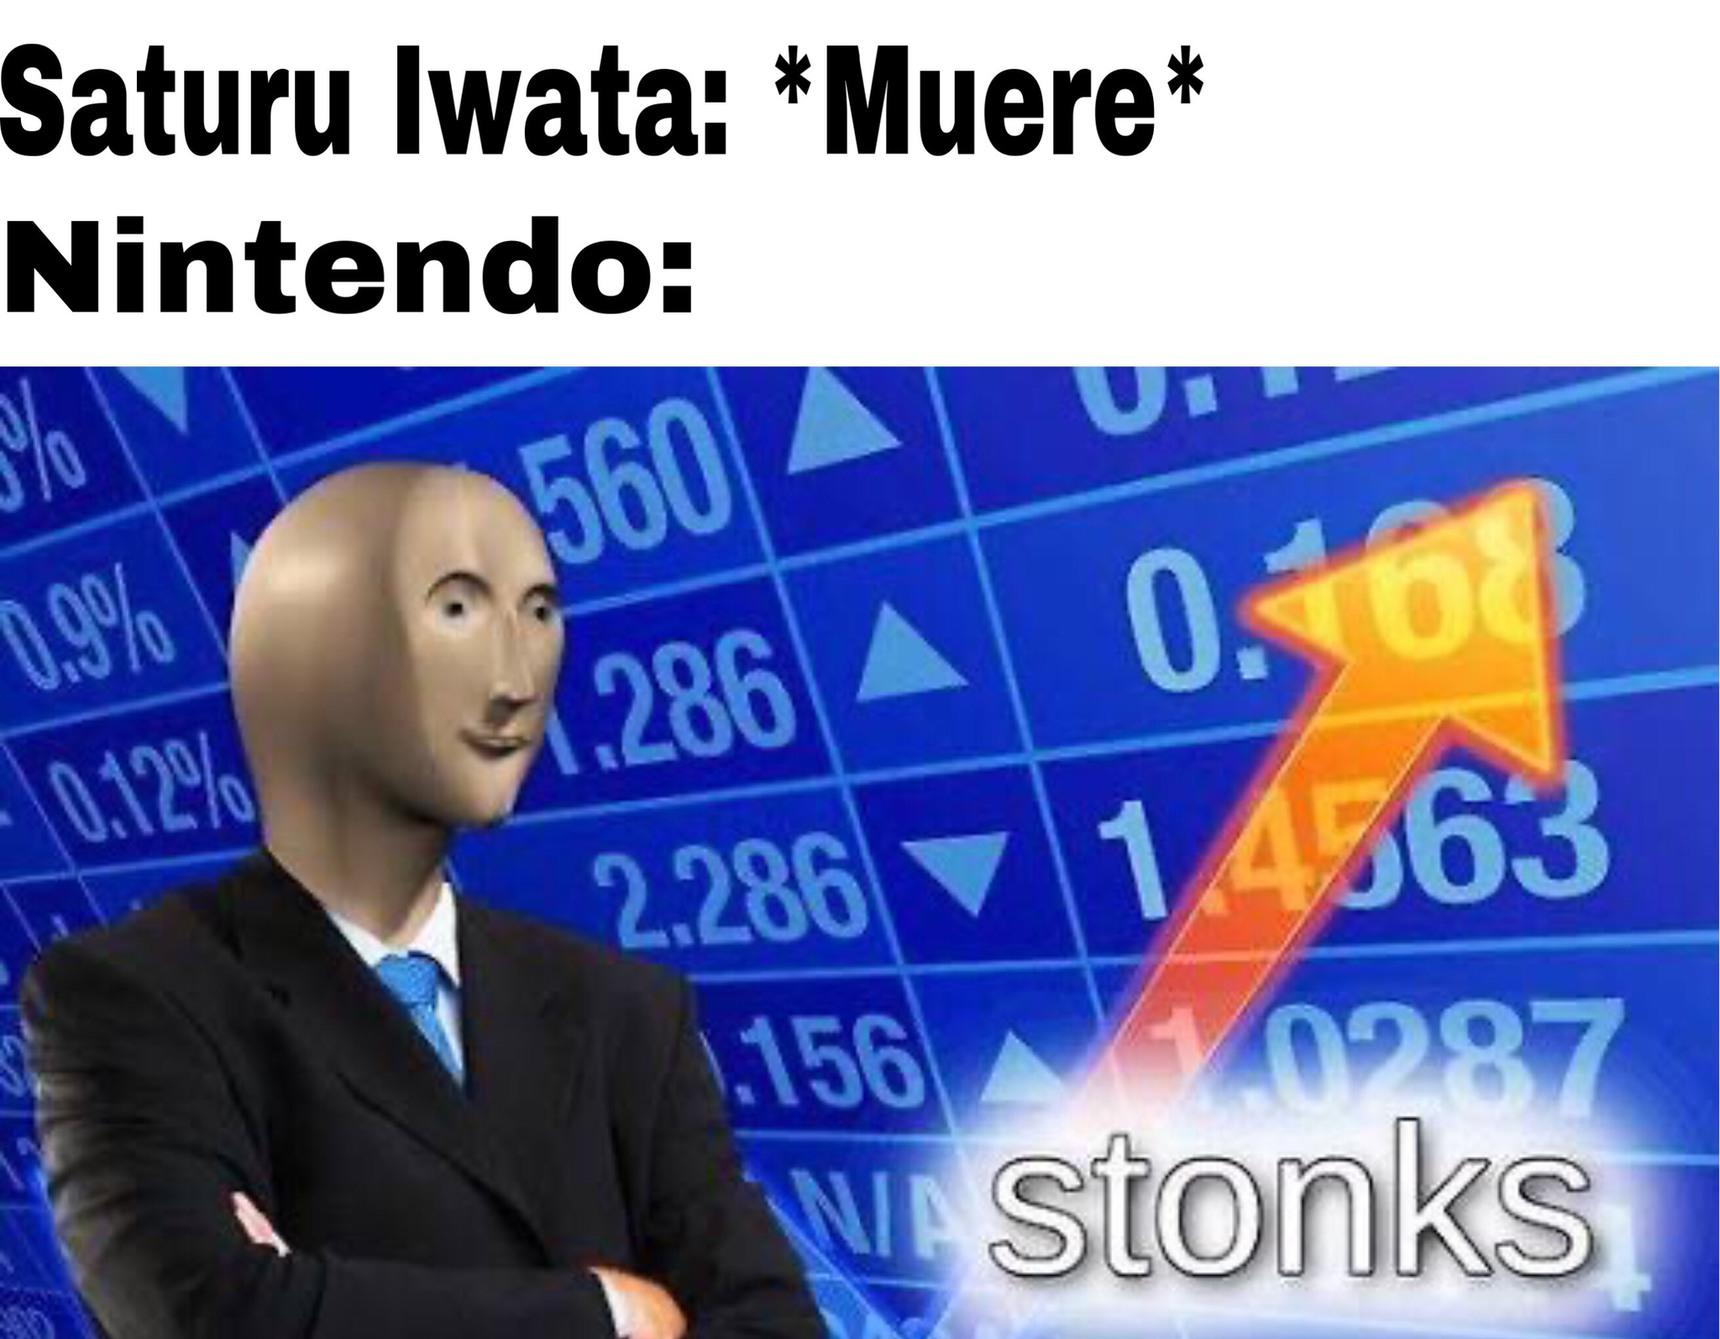 Contexto: Desde que Iwata falleció, Nintendo se pasó todas sus ideologías por el culo - meme